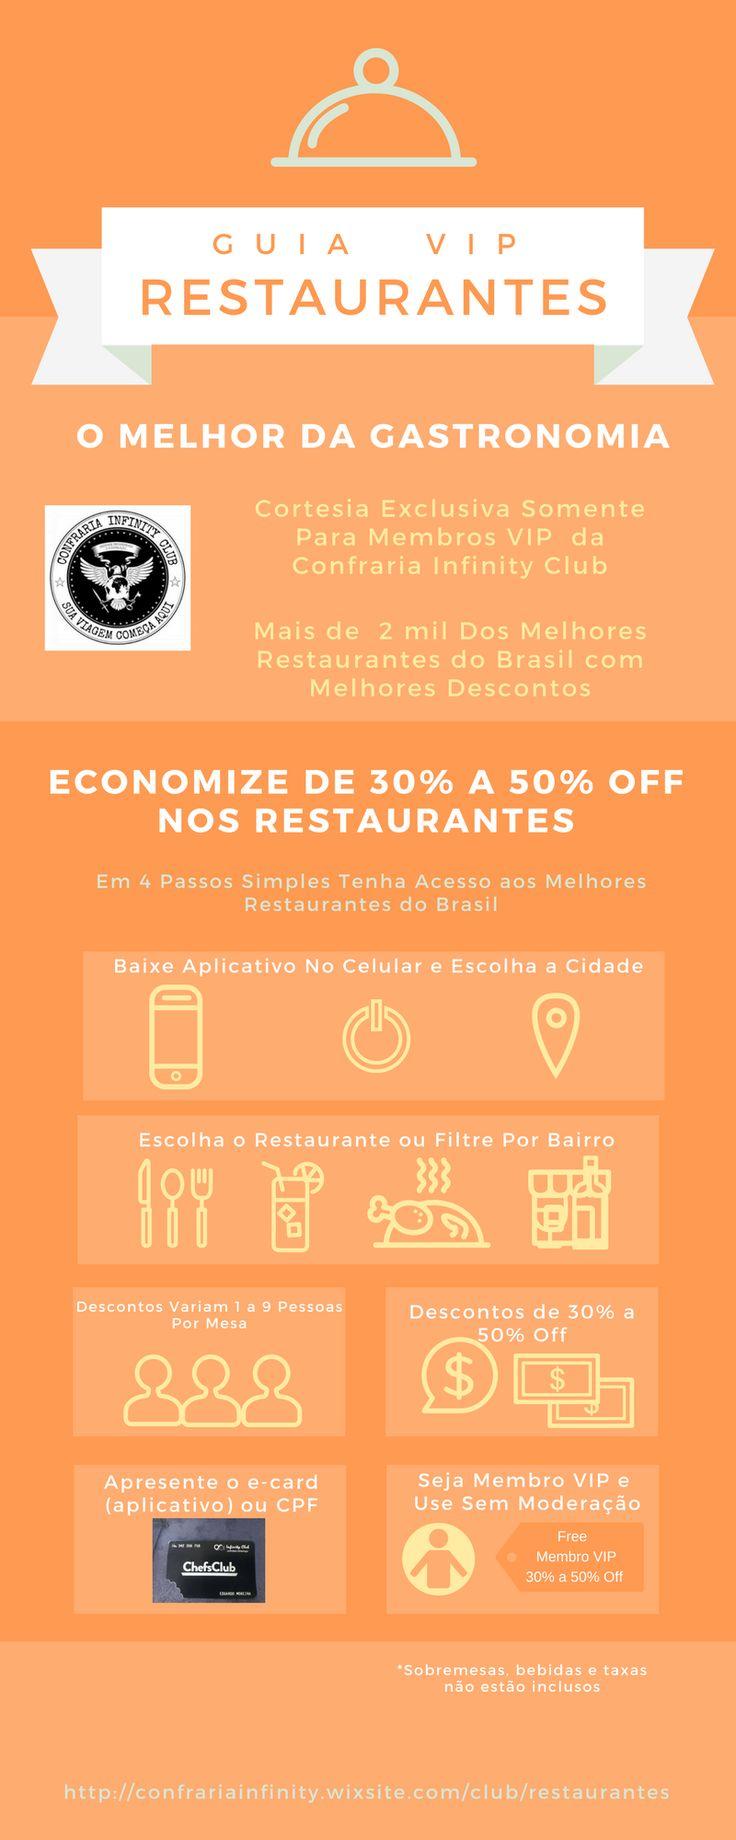 A Maior Confraria Hoteleira e Gastronômica da America Latina. Seja Cliente VIP e Concorra a Viagem para Orlando ou Cancun. Clique e Saiba Como